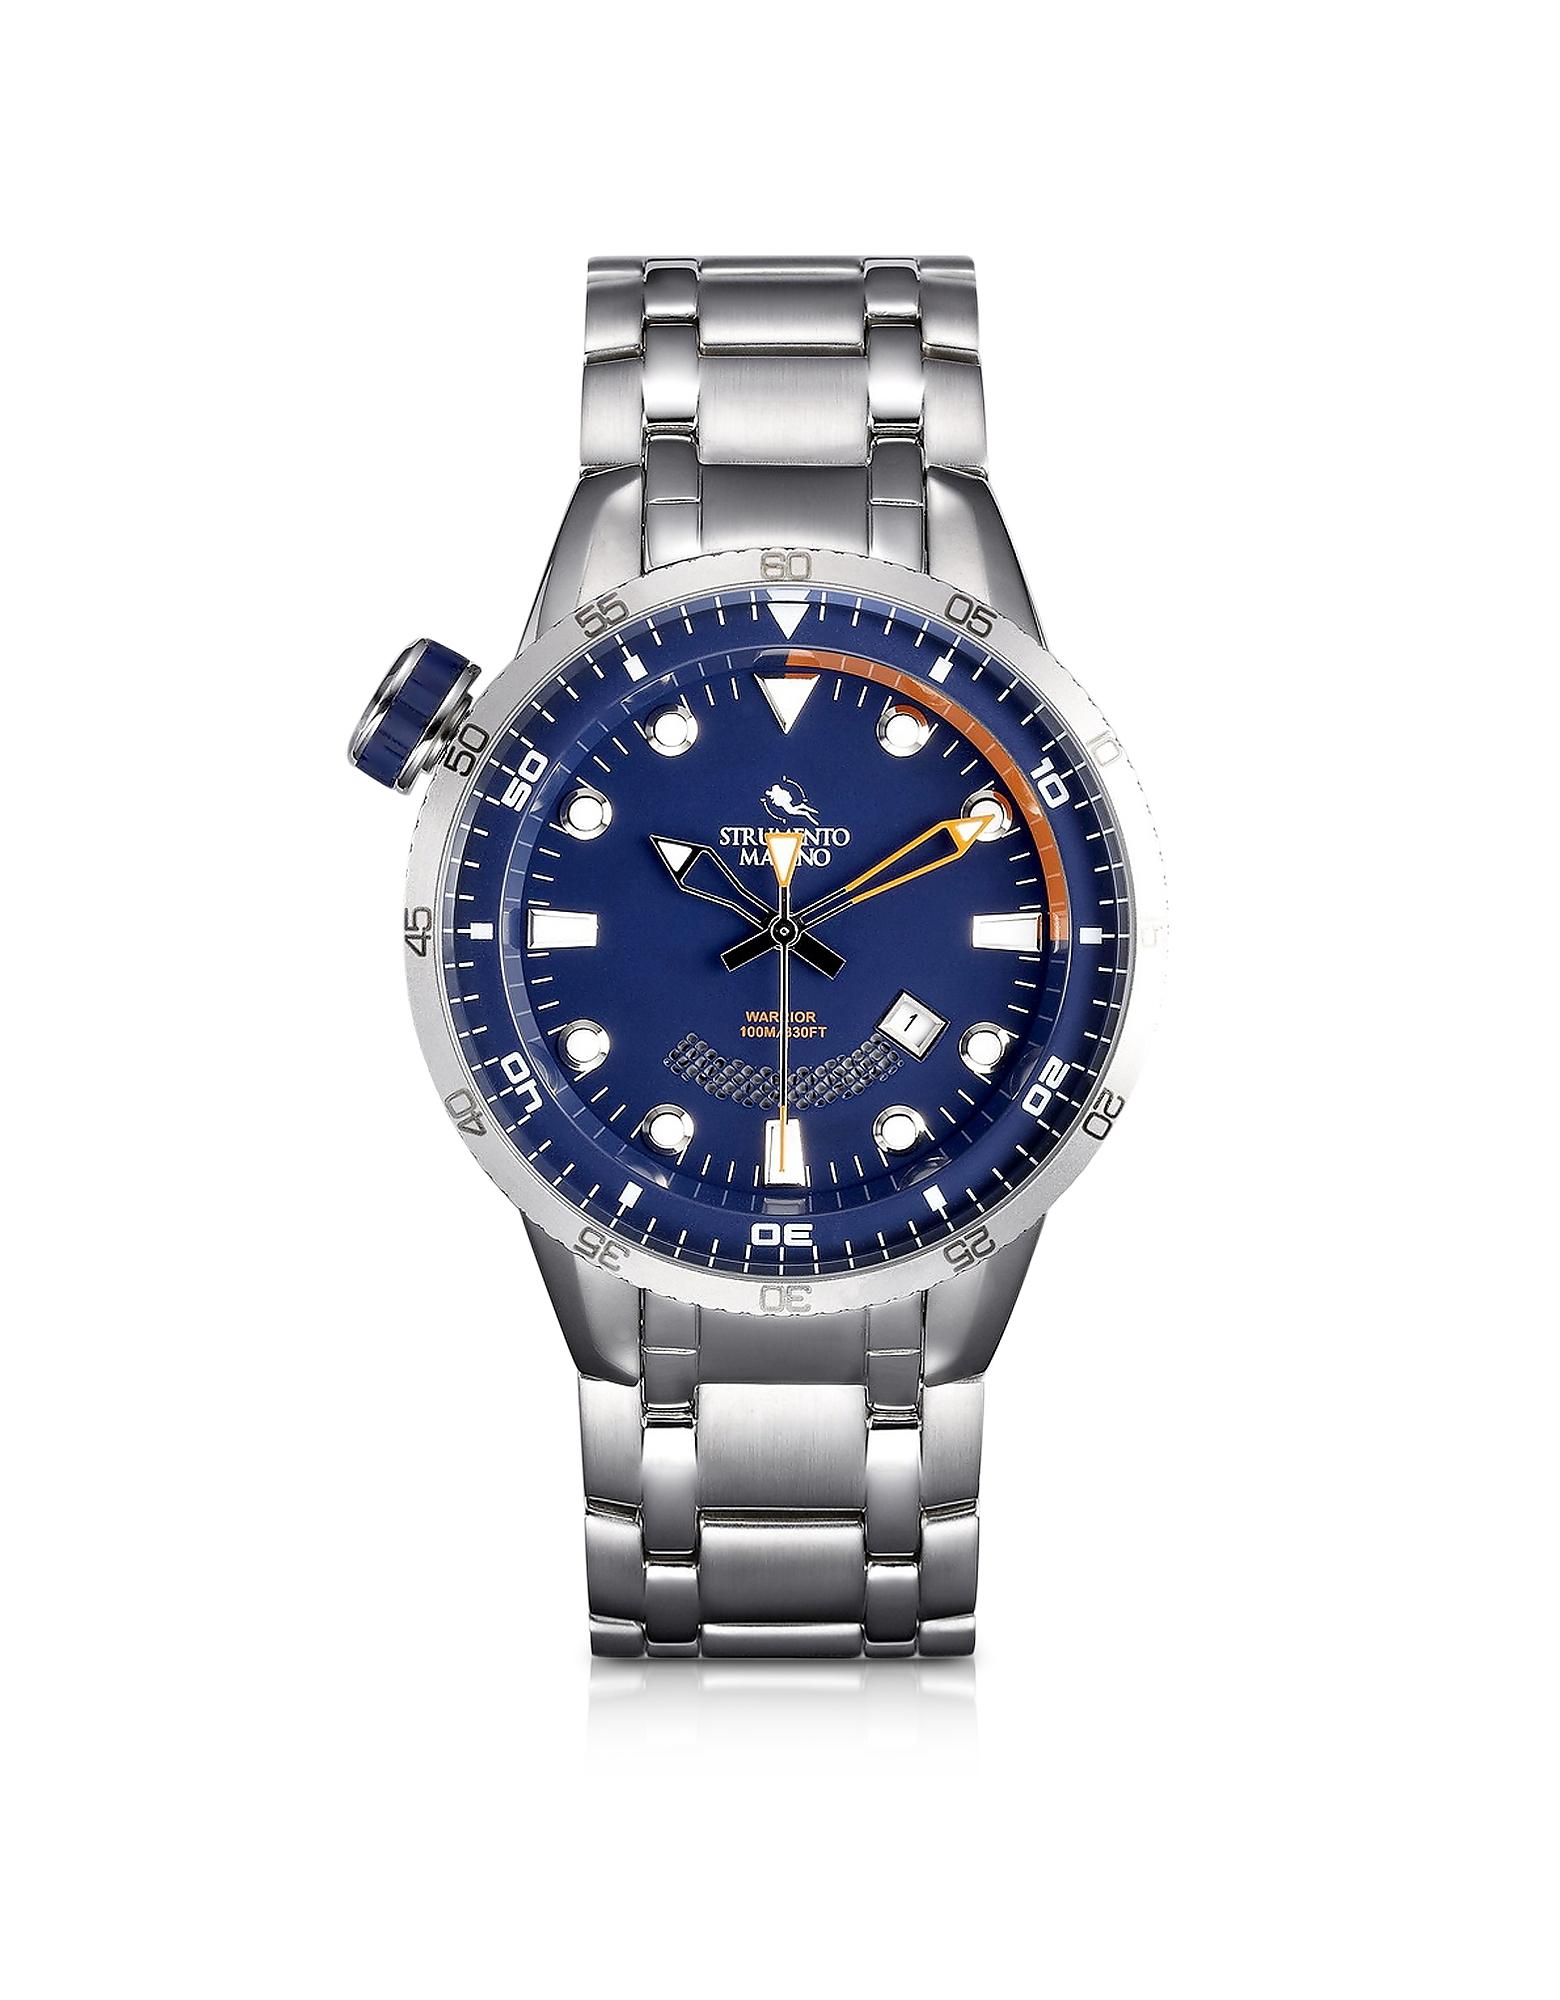 Strumento Marino Men's Watches, Warrior Stainless Steel Men's Watch w/Blue Dial